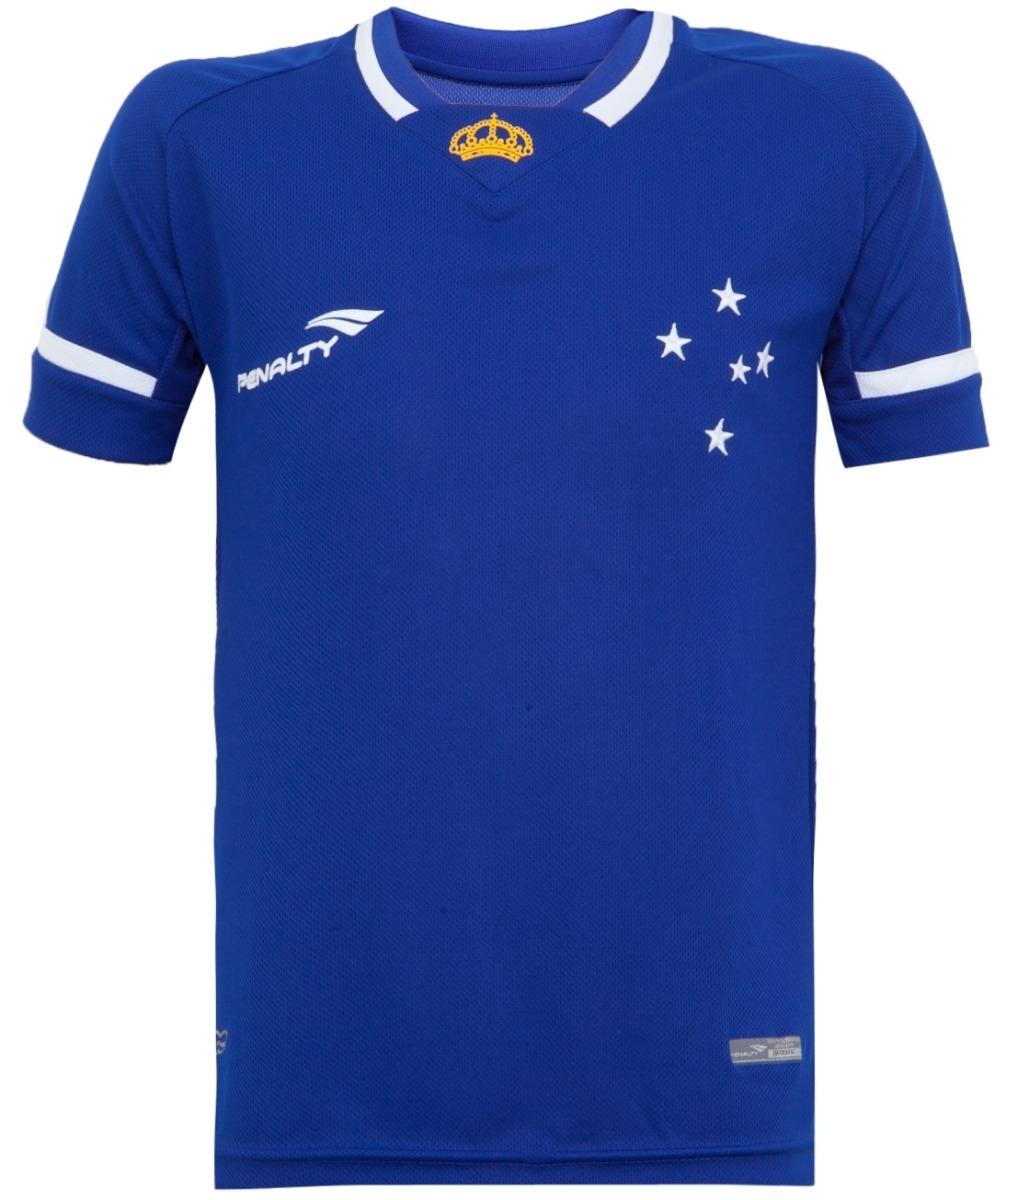 Camiseta Penalty Do Cruzeiro I 2015 Masc. Original 1magnus - R  68 ... 5bf3ef3ba2fef